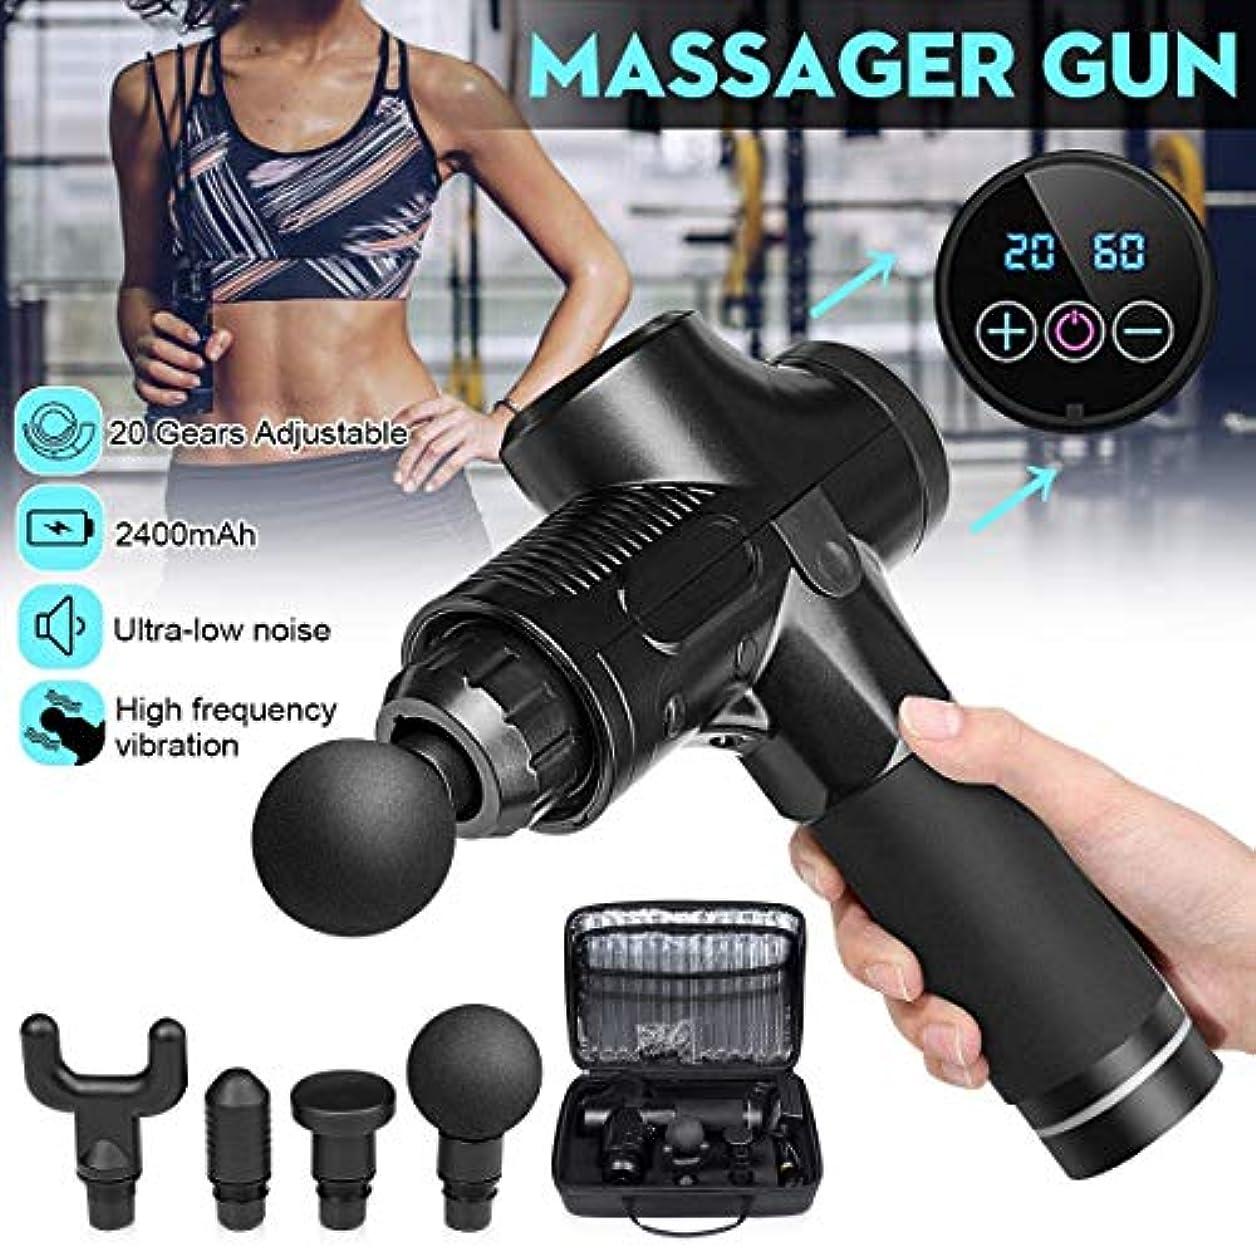 熟す鷹状態Massage Gun, Electric Muscle Massage Gun Vibrating